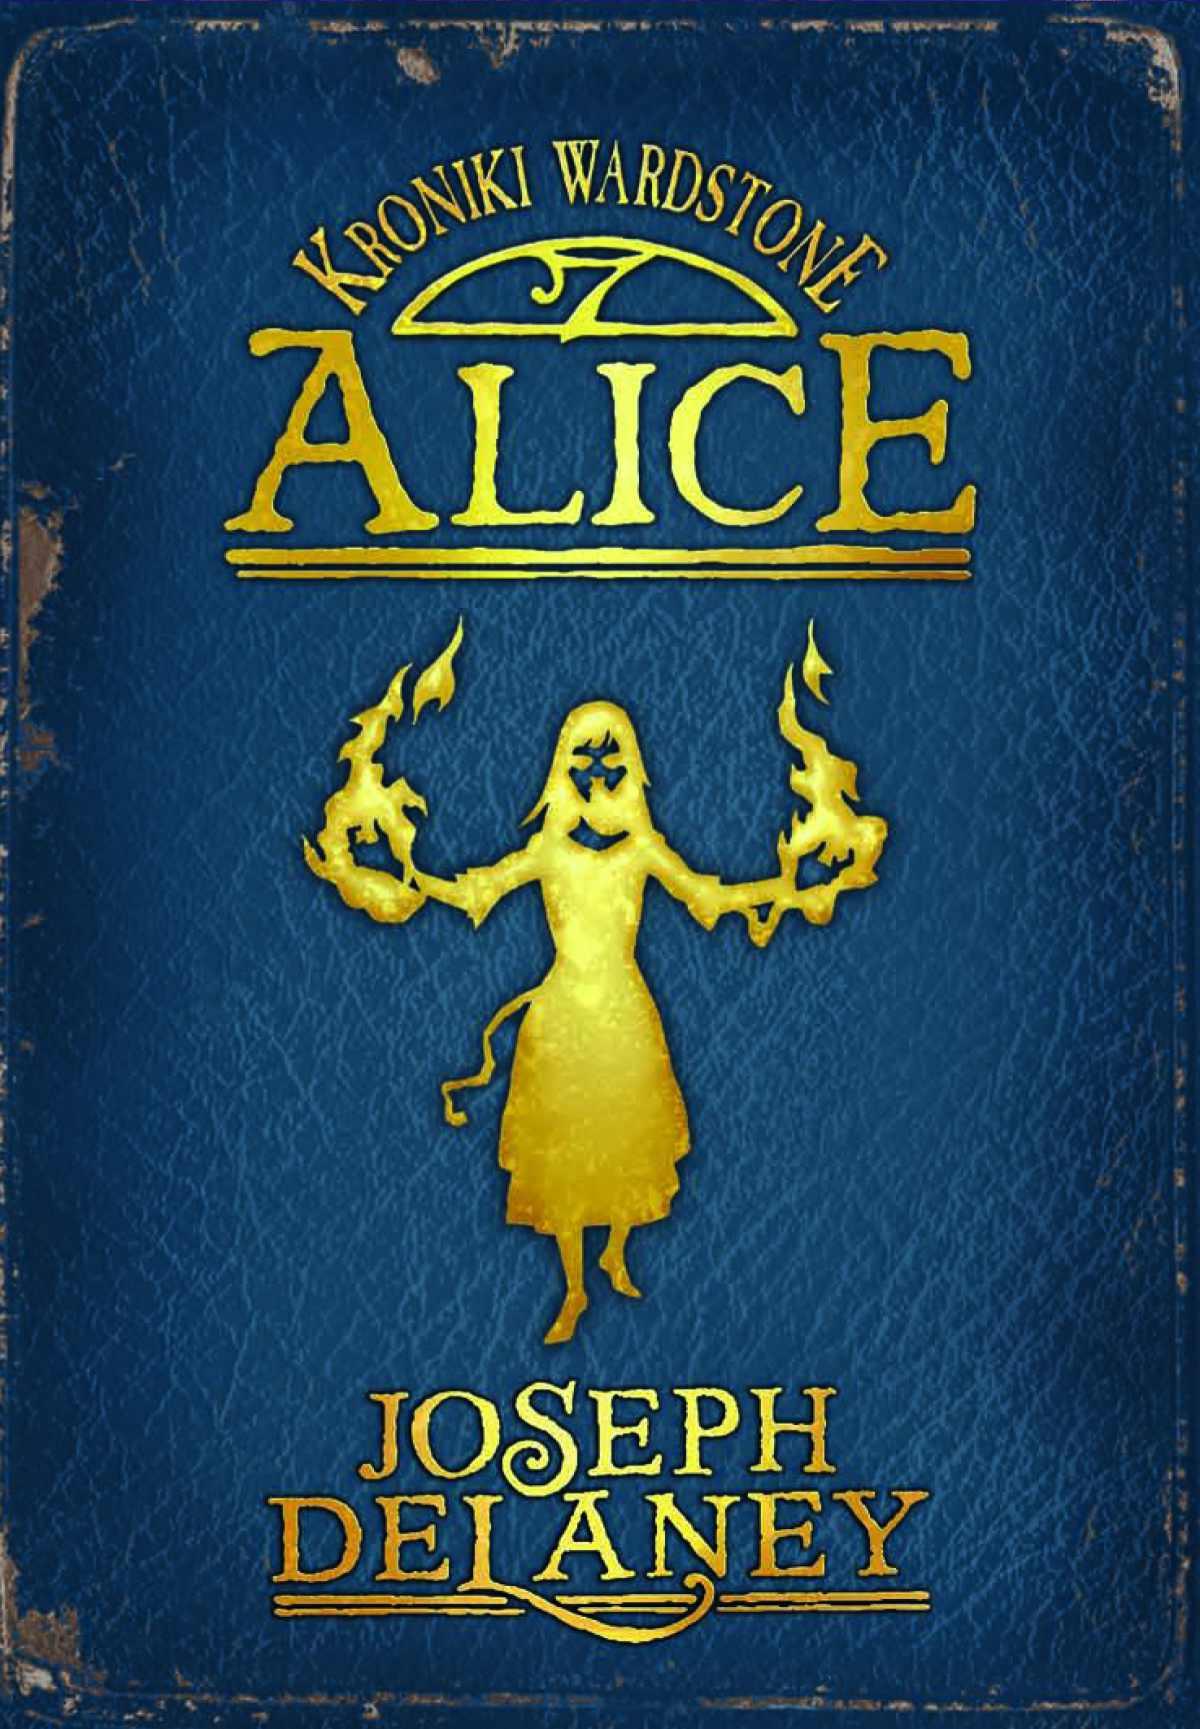 Kroniki Wardstone 12. Alice - Ebook (Książka EPUB) do pobrania w formacie EPUB